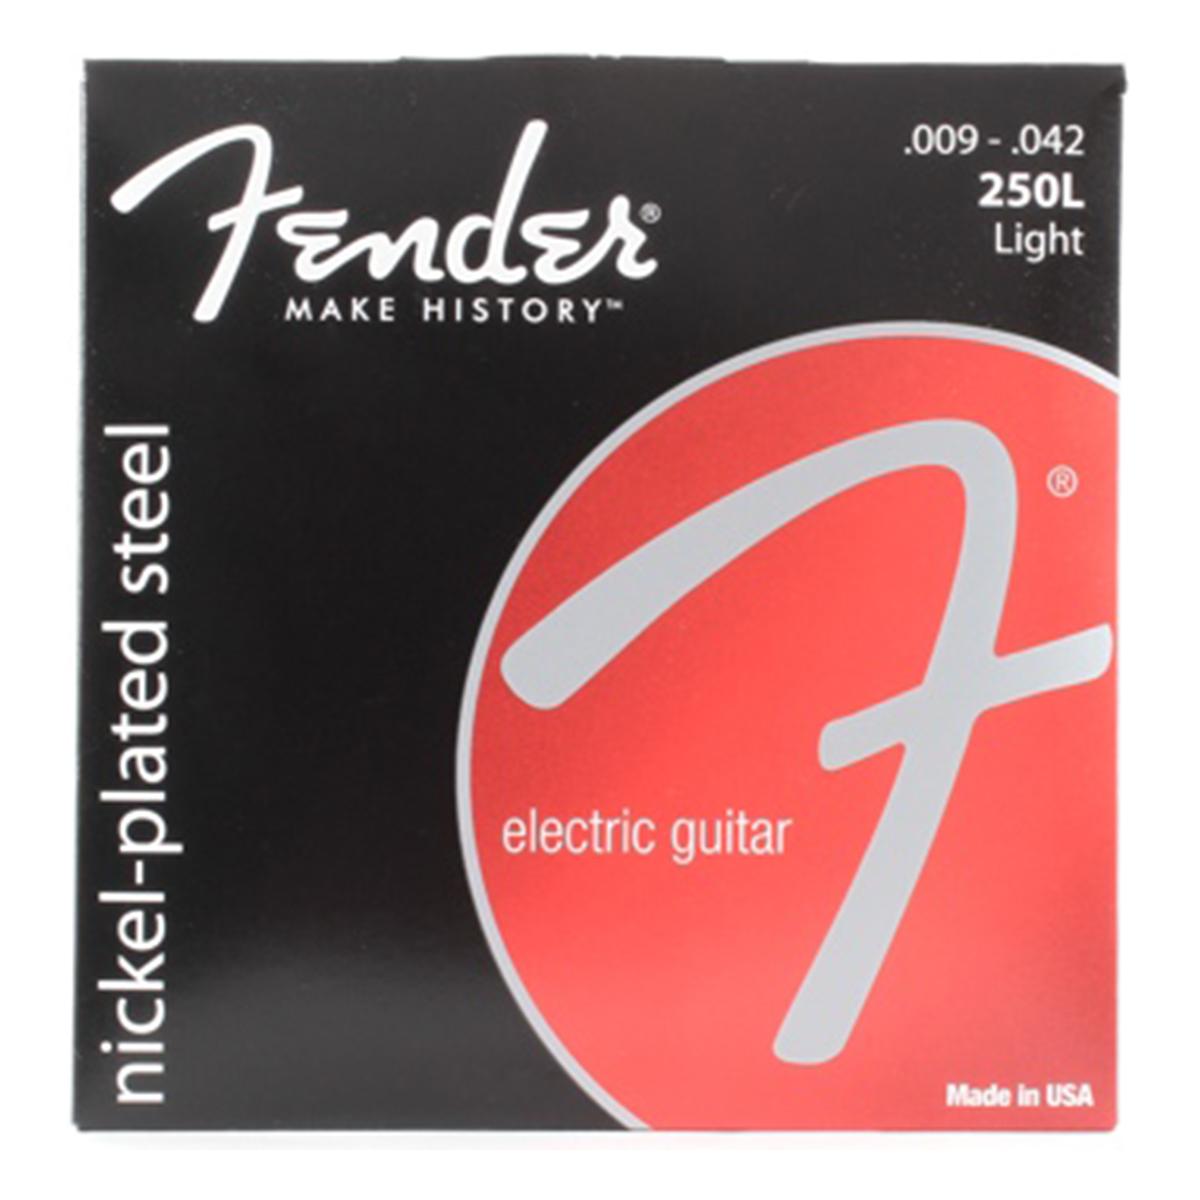 Fender - Jeu cordes guitare électrique - 250L NPS - 9/42